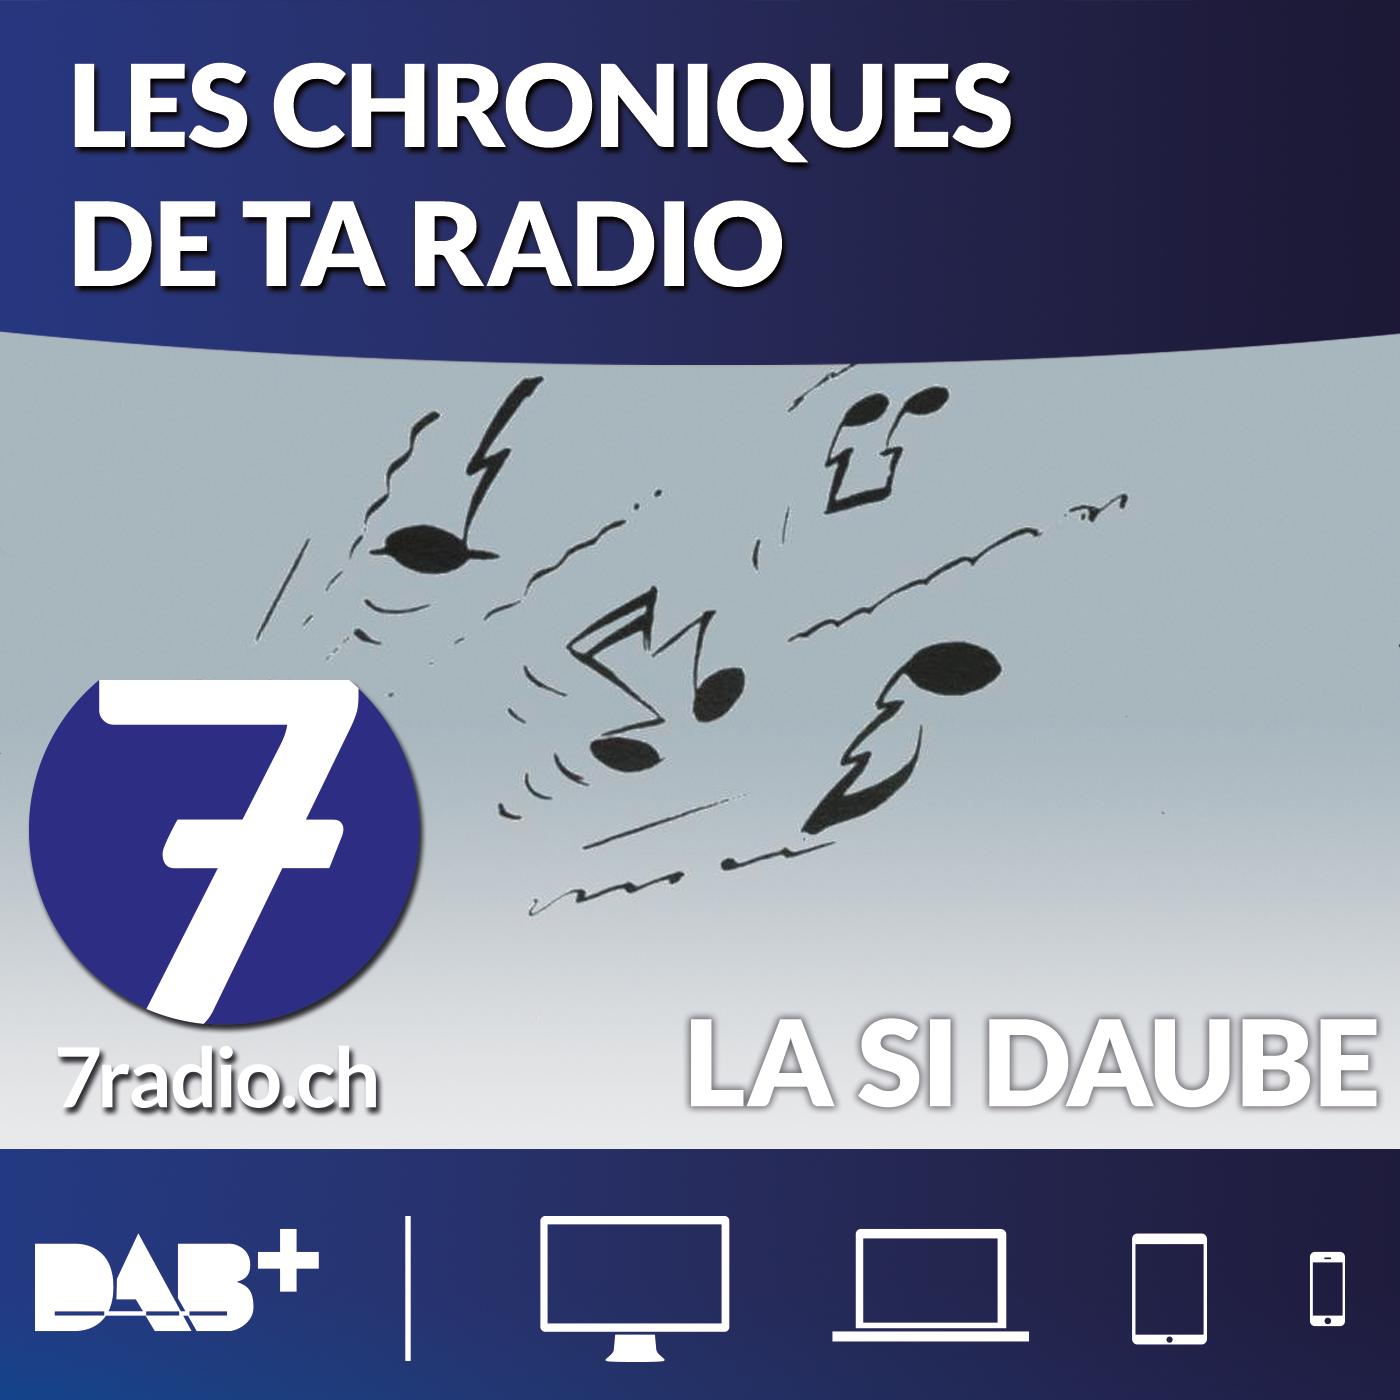 7radio | La Si Daube